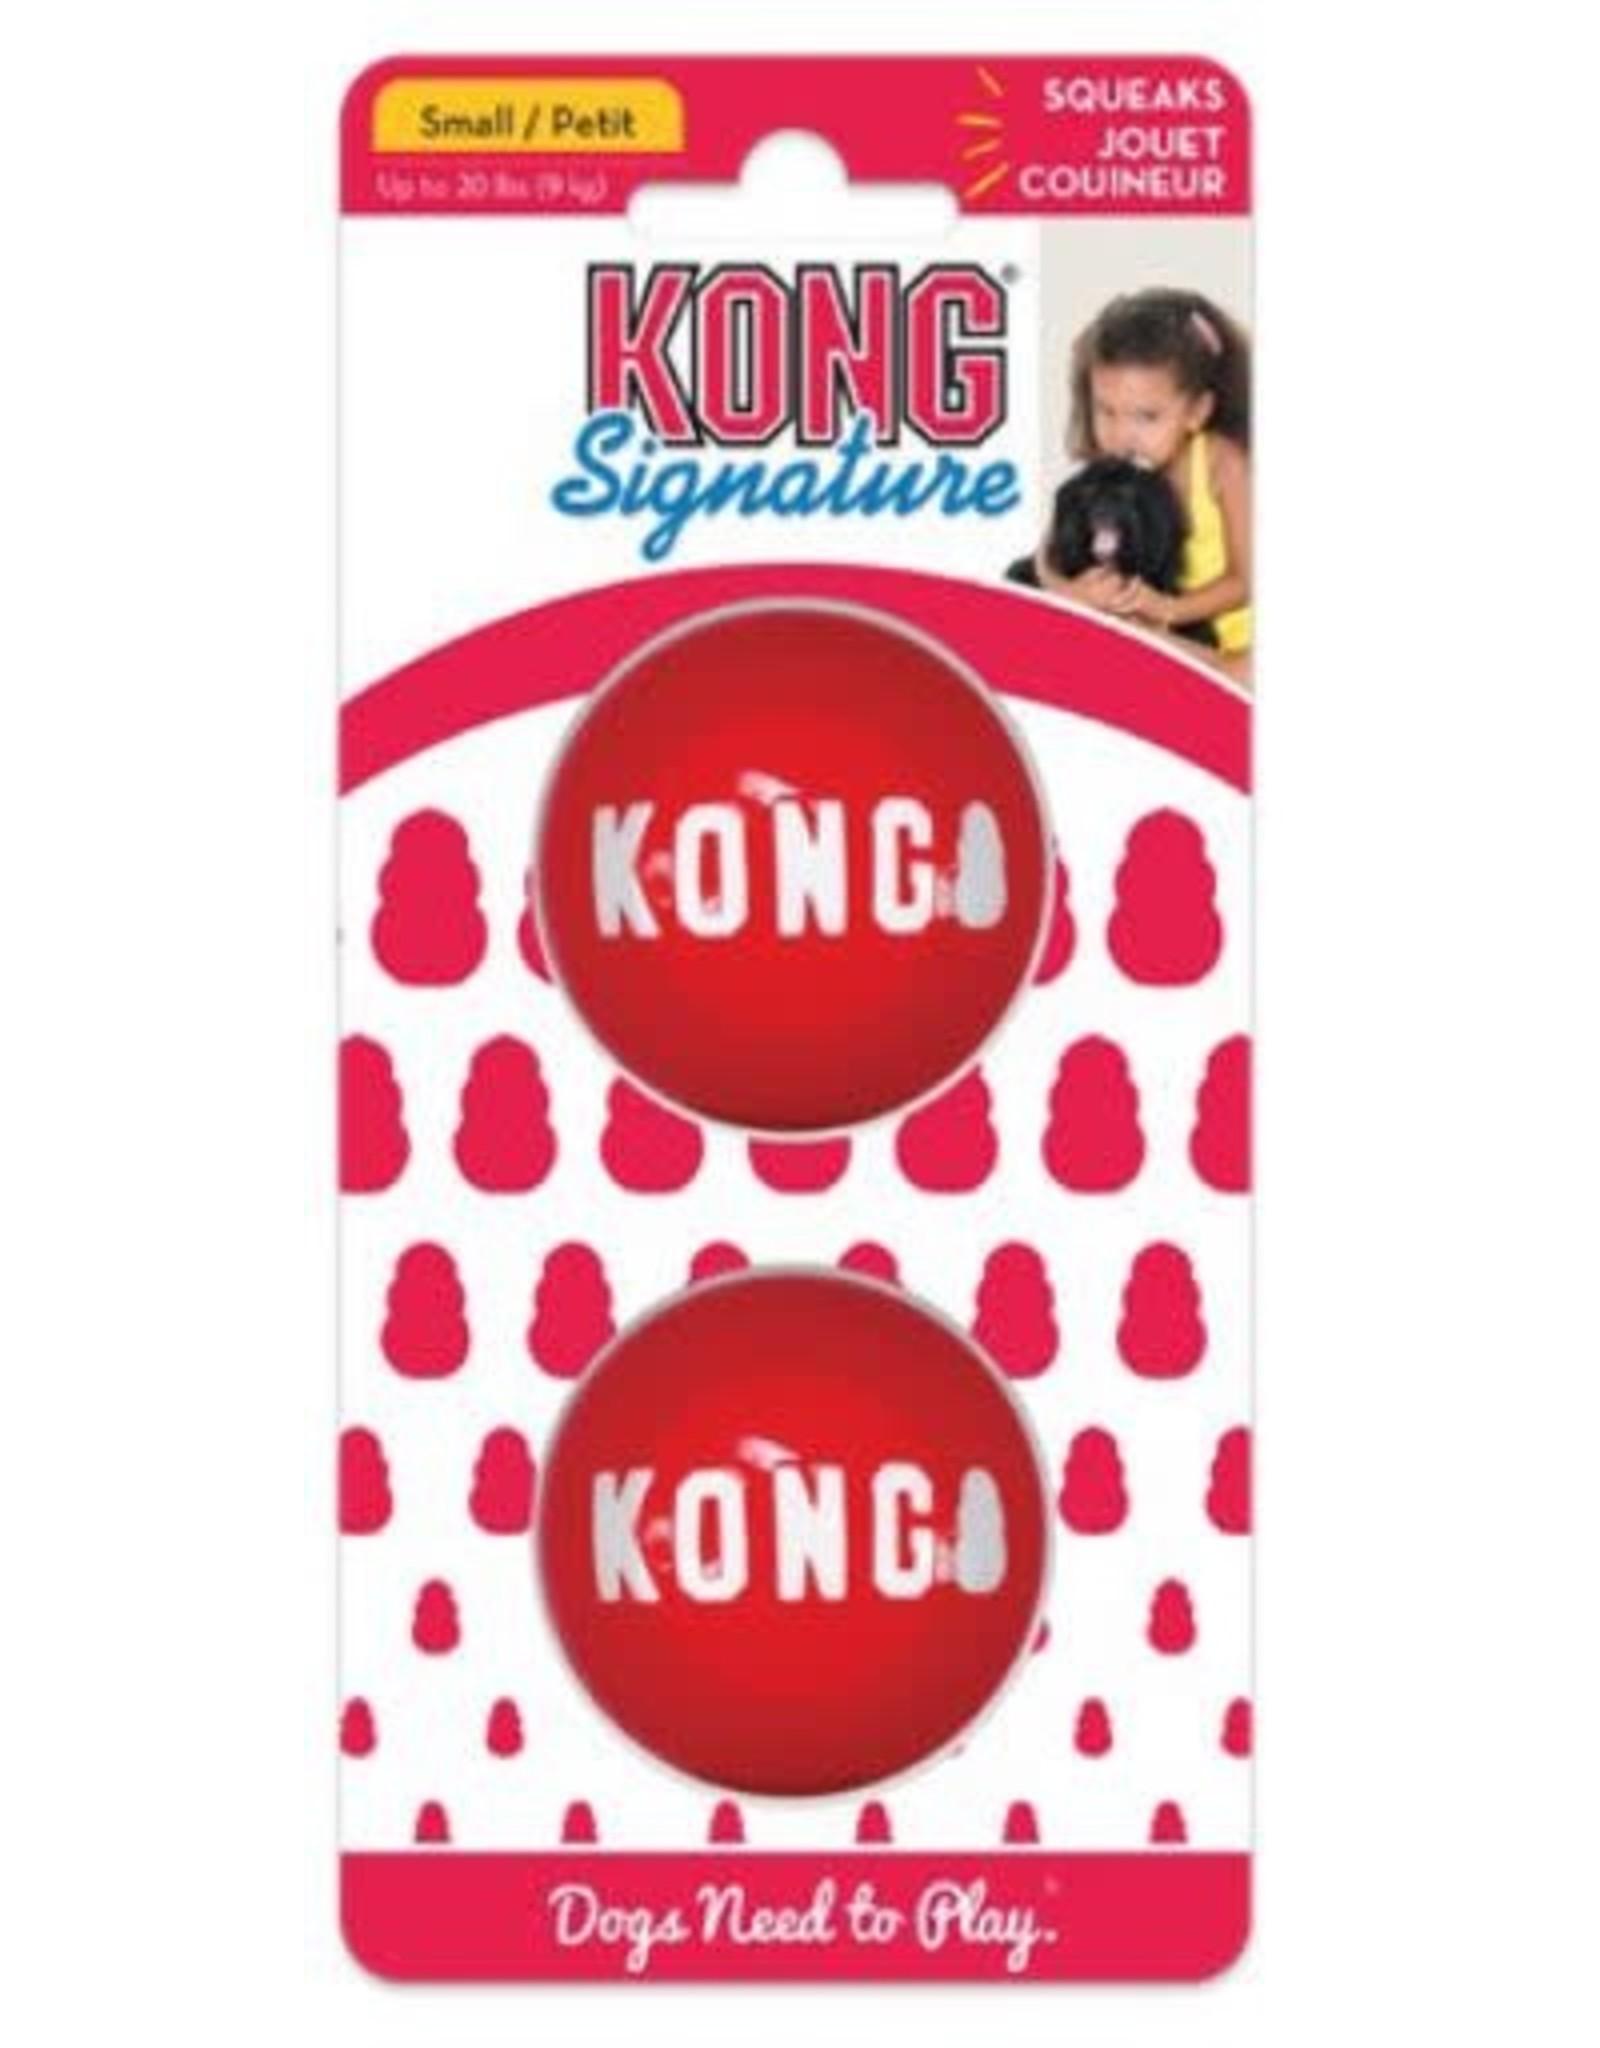 Kong Kong - Signature Ball